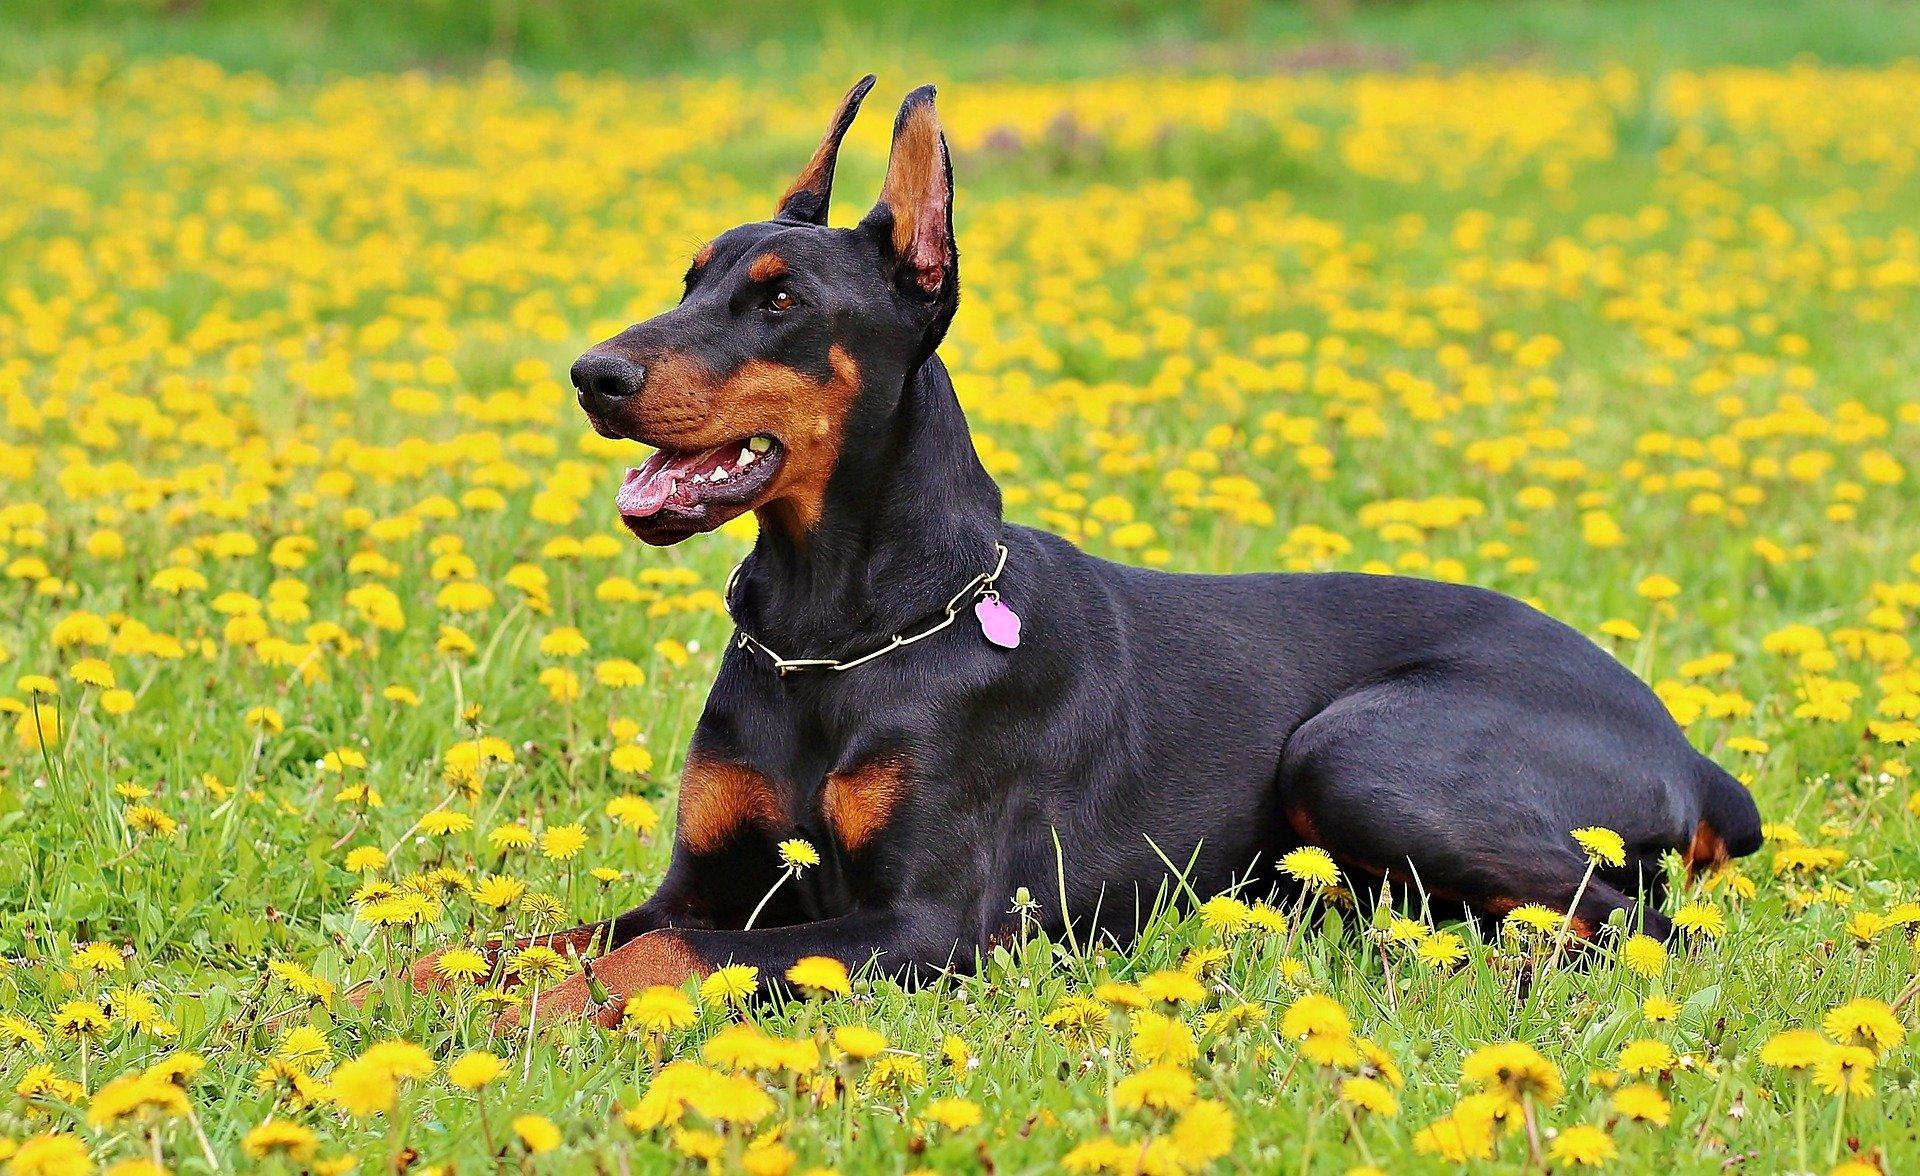 Cani: razze pericolose o padroni sbagliati?